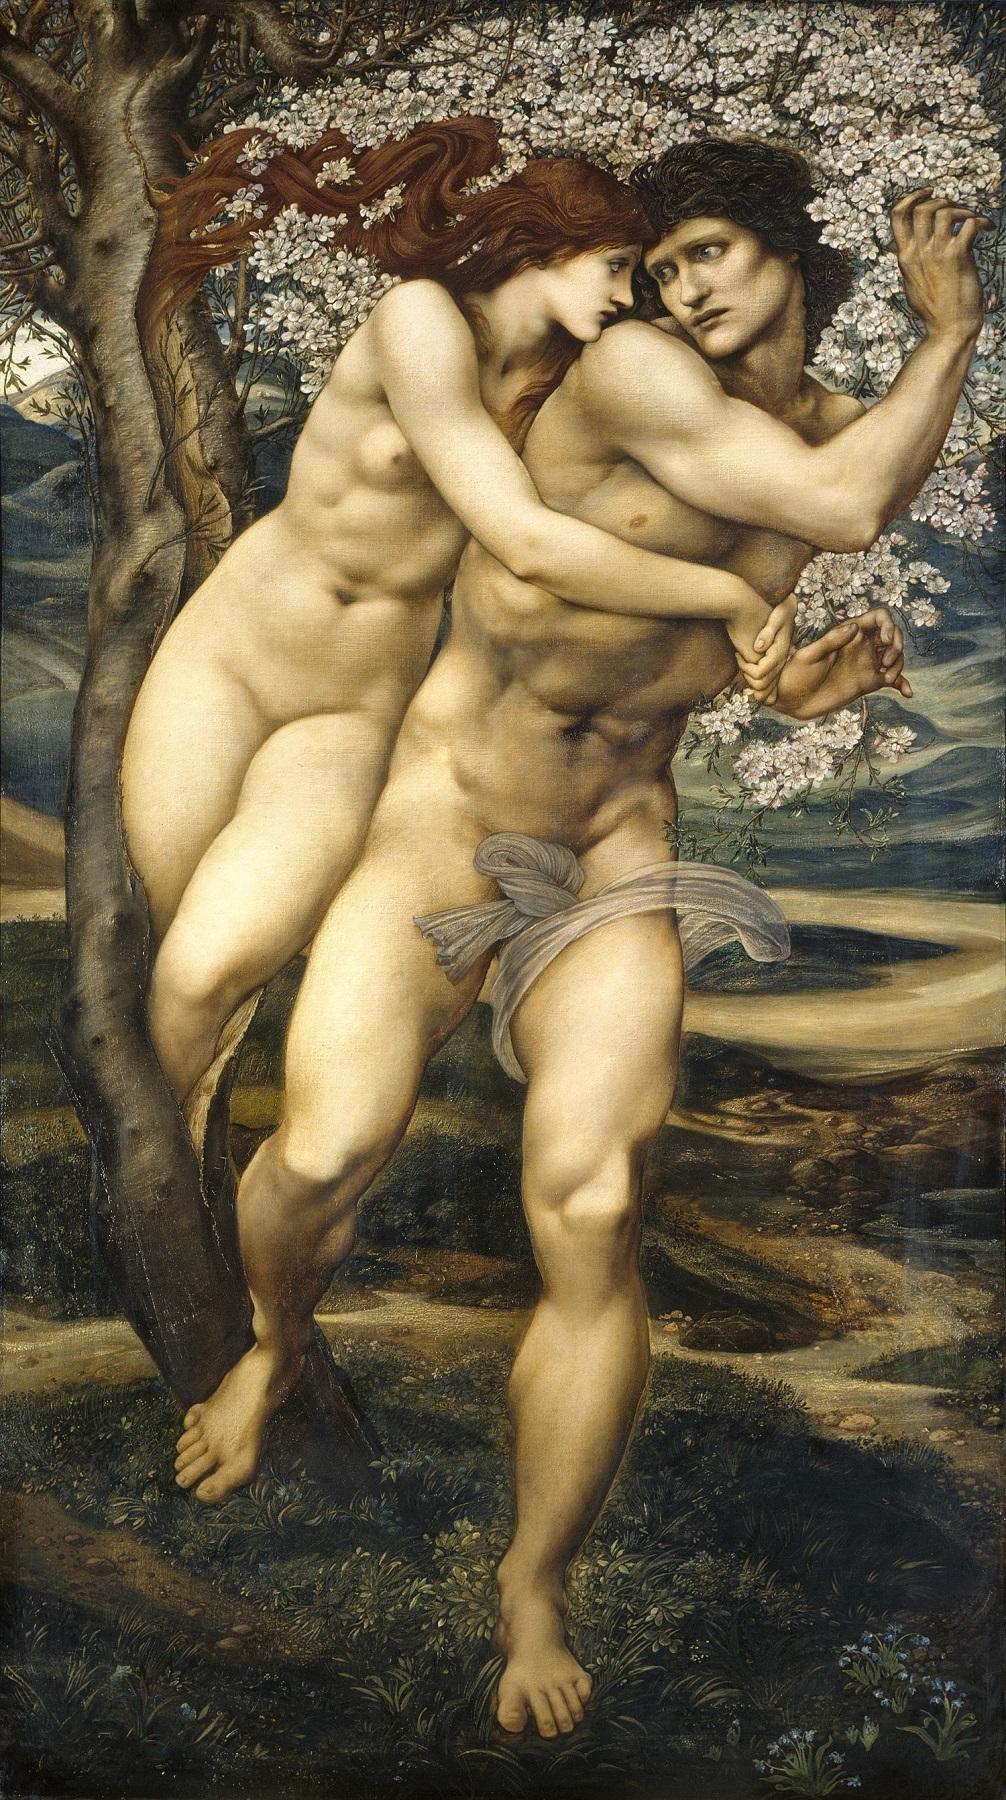 エドワード・バーン=ジョーンズ《赦しの樹》1881-82年、油彩/カンヴァス、186×111 cm、 リヴァプール国立美術館、レディ・リーヴァー・アート・ギャラリー   (C) National Museums Liverpool, Lady Lever Art Gallery